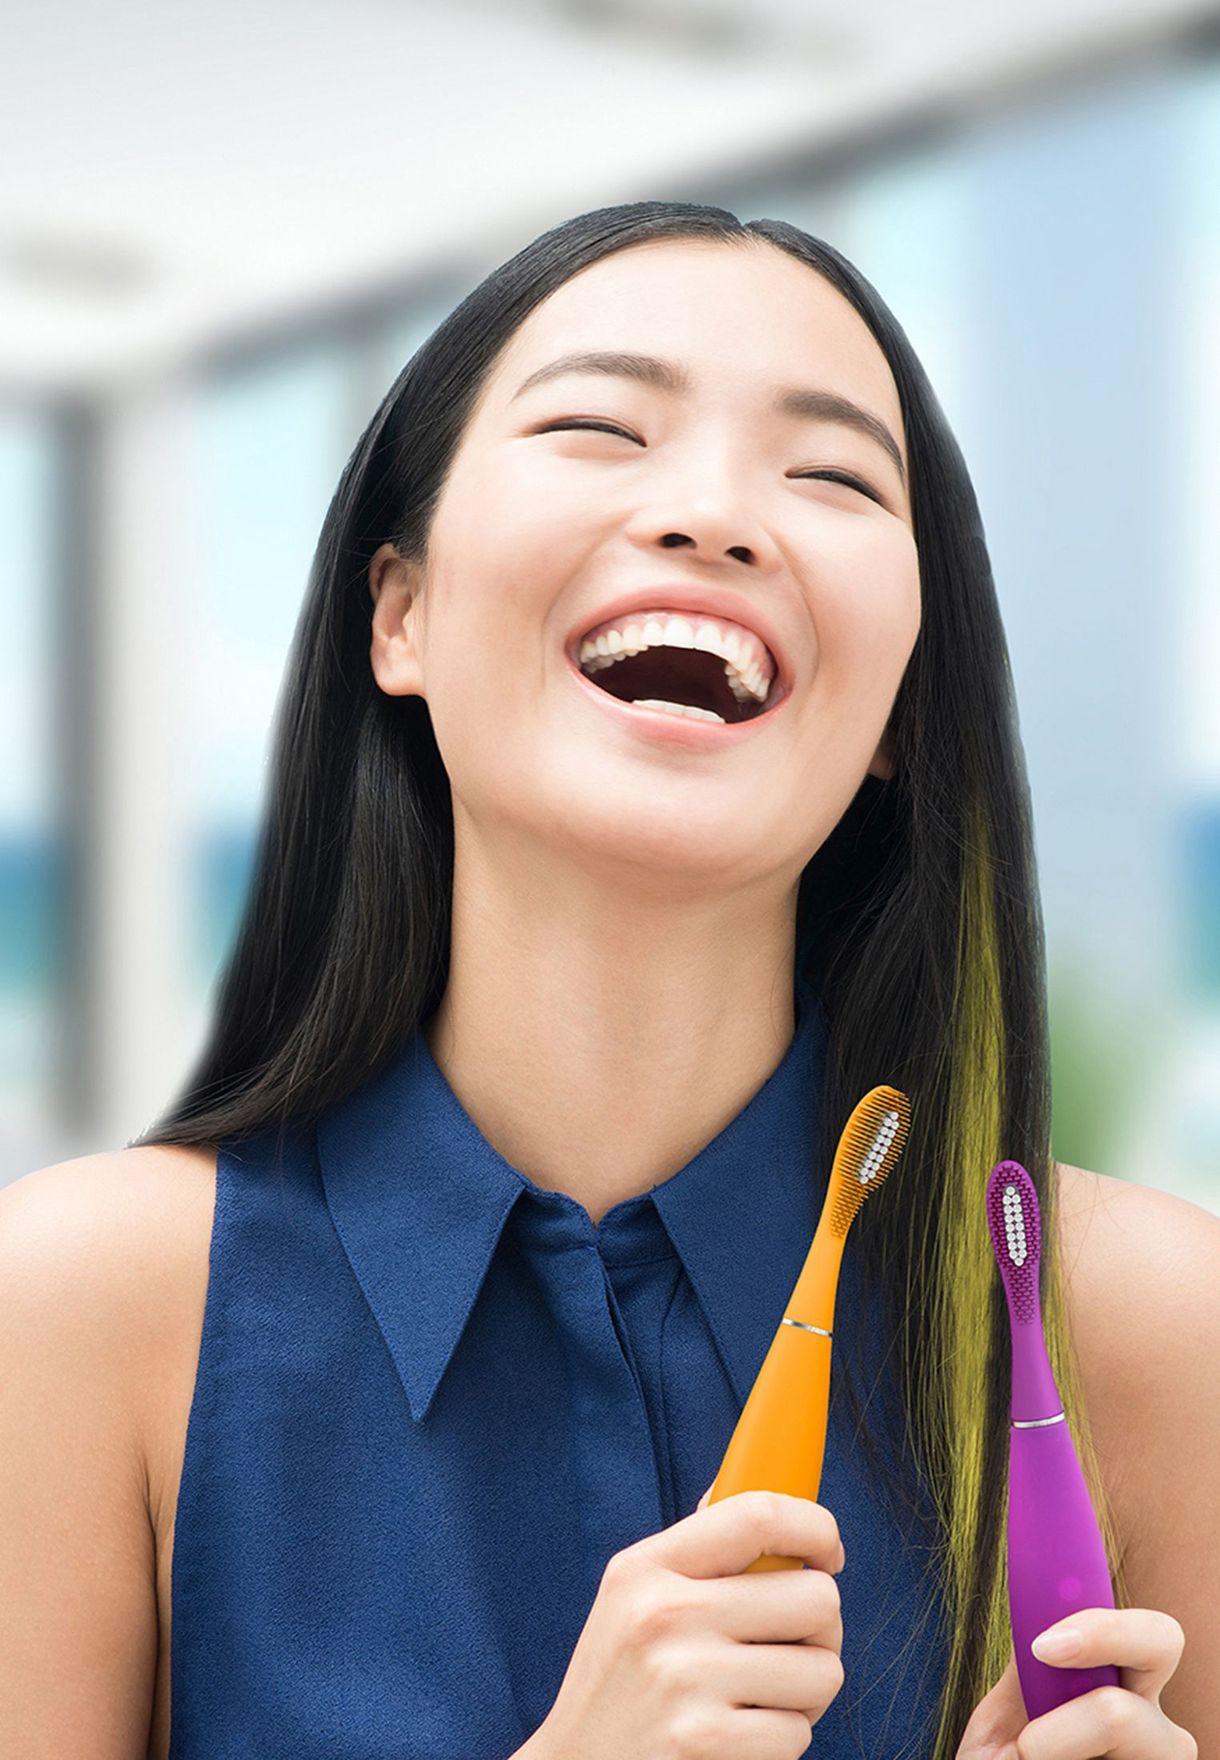 فرشاة أسنان ايسا ميني 2 الإلكترونية - مانجو تانجو